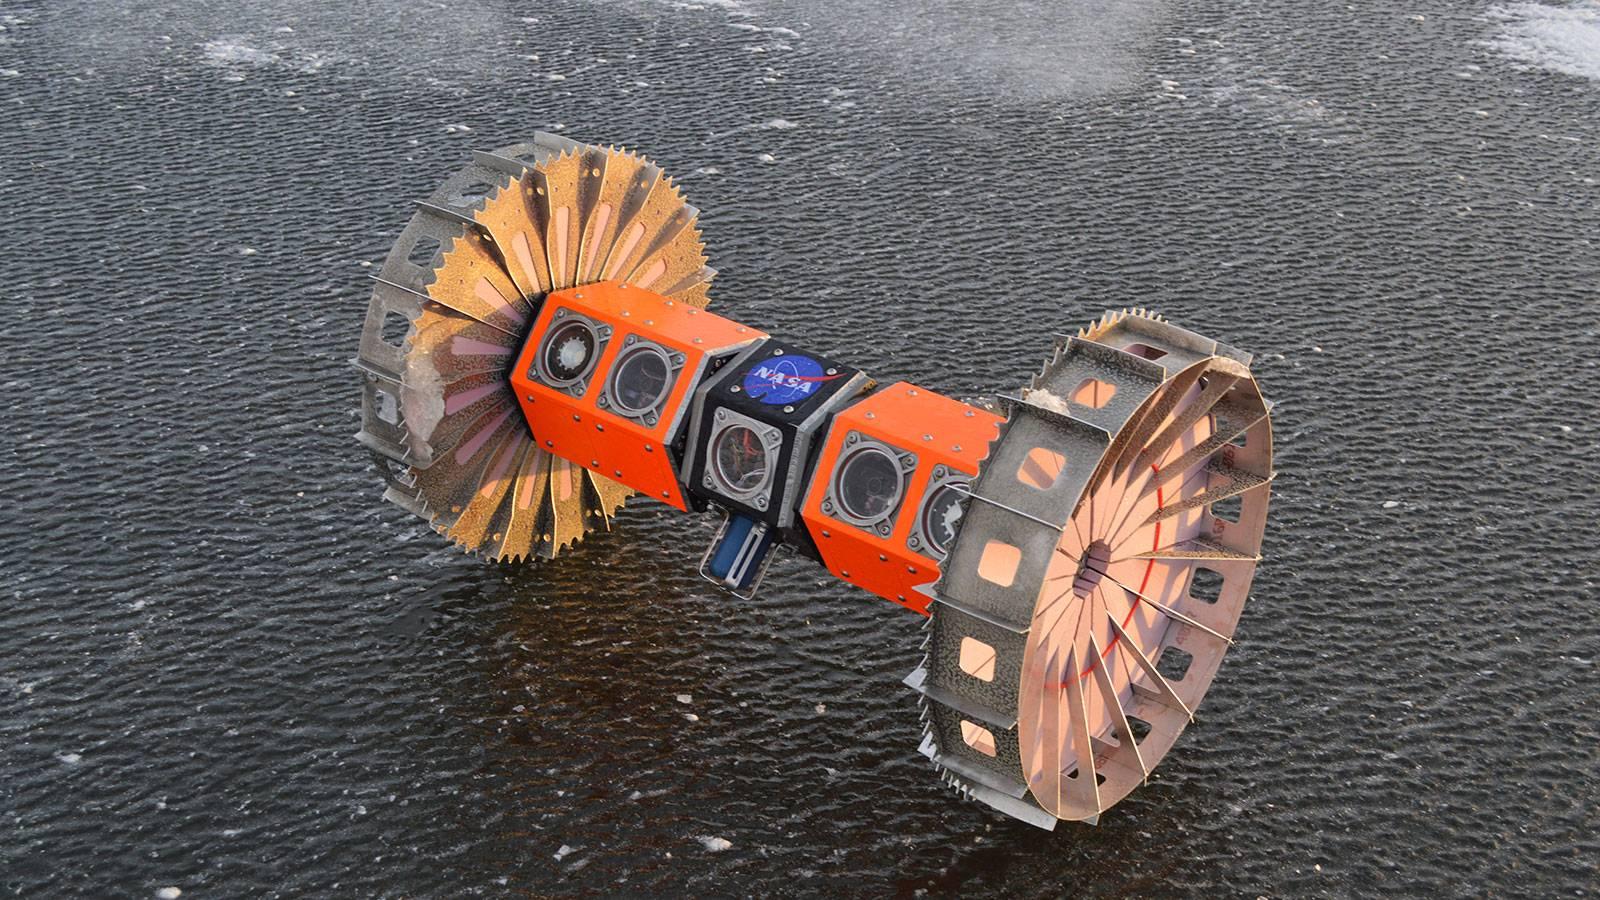 Expertos probarán Rover de la NASA en la Antártica que viajará a Luna de Saturno en pocos años más